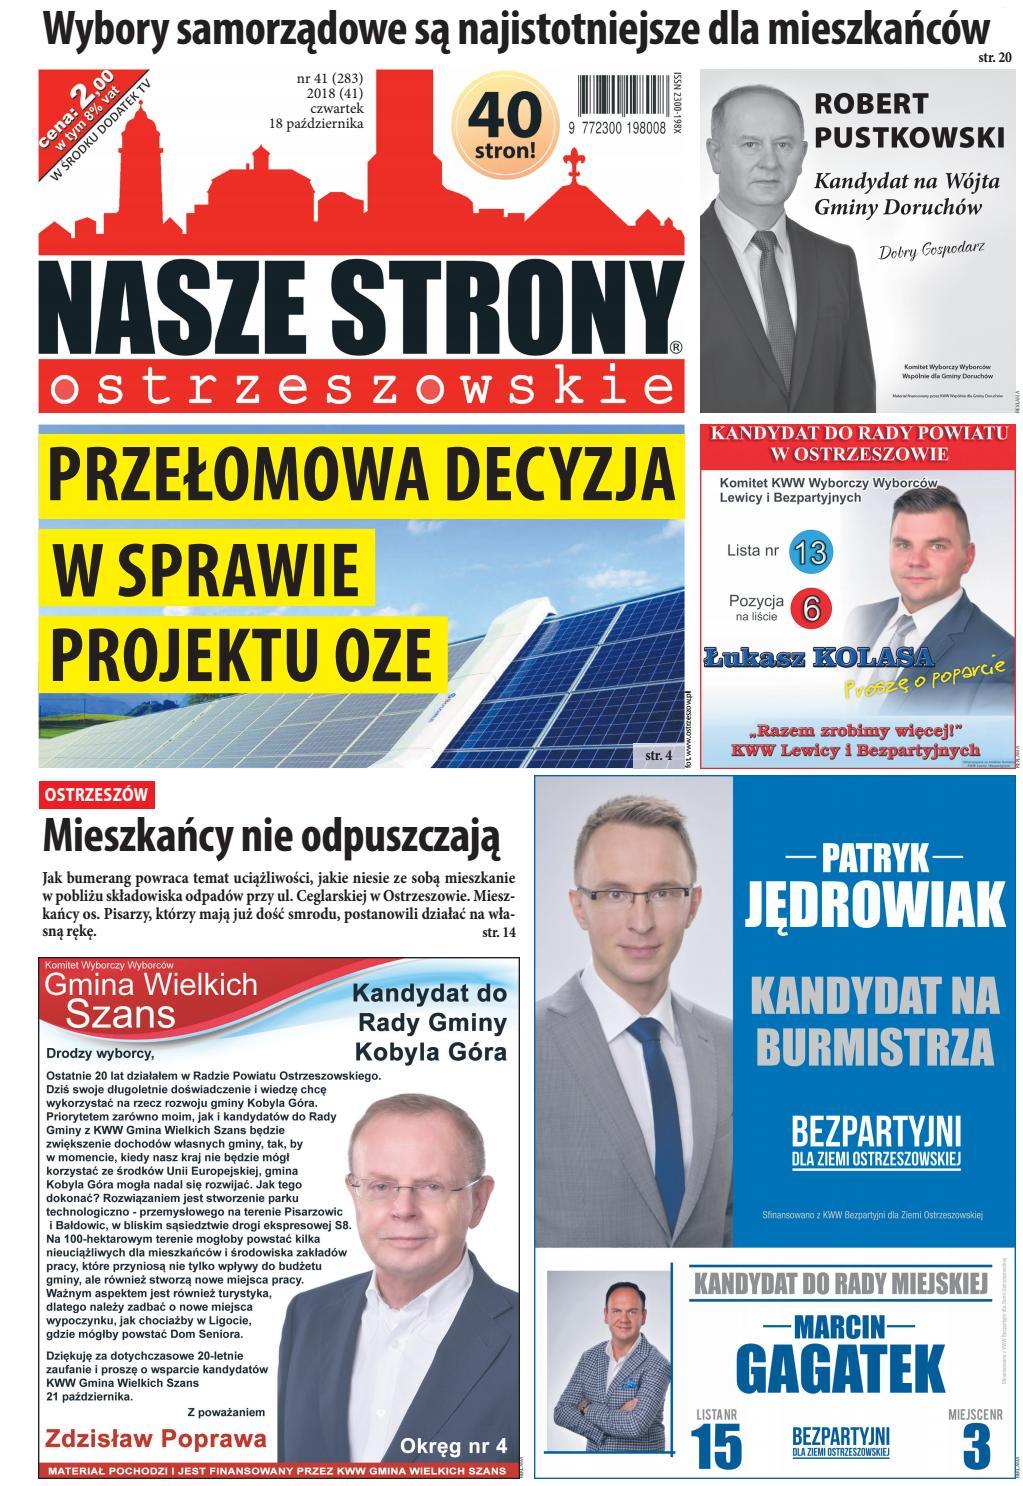 Kobiety, Pisarzowice, opolskie, Polska, 25-35 lat   gfxevolution.com